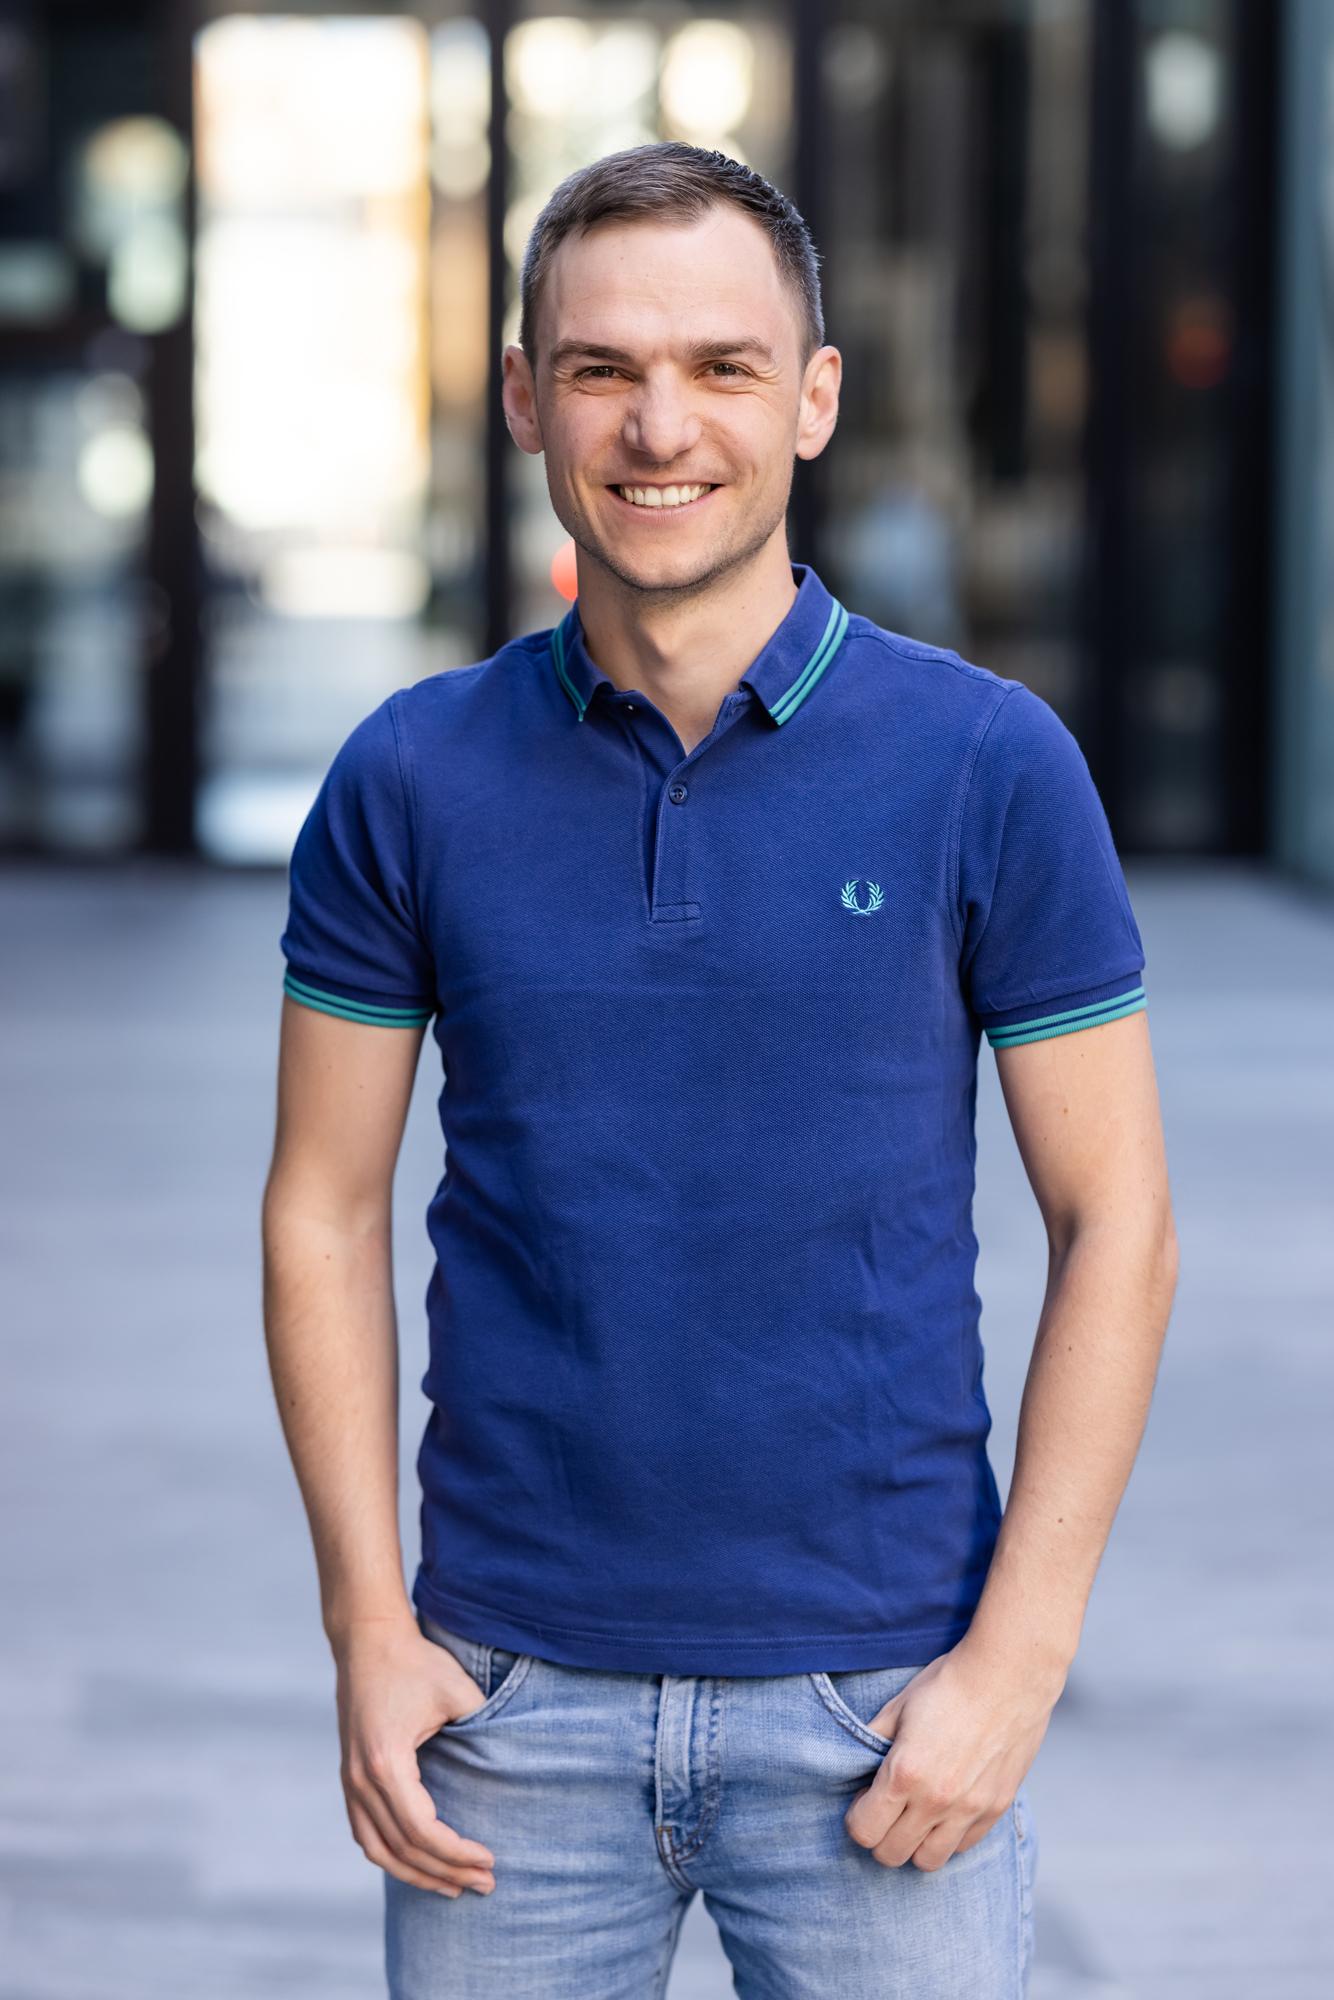 Mag. (FH) Patrick Pixner, 36, ist neu in der CEO-Ebene des Innsbrucker Digitalisierungsunternehmens duftner.digital. Der gelernte Techniker und Gründer des Fullservice-Anbieters M-Pulso hat in Sachen ganzheitliches Consulting umfangreiche Expertise vorzuweisen.